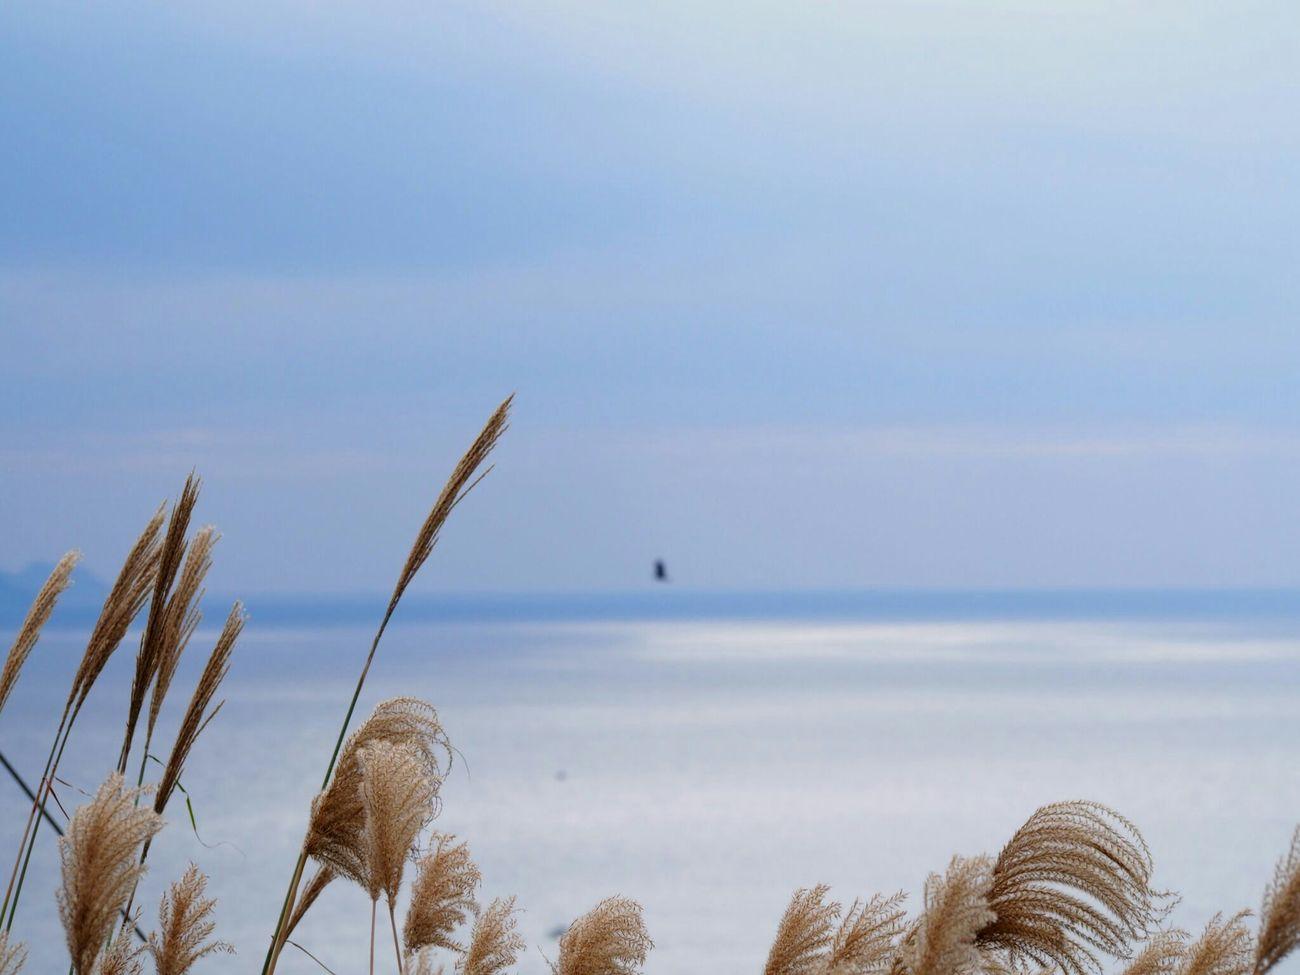 おはようございます😊 秋の海は静で穏やかで…冬の海は静でさみしい…Winter 空 海 Sky Sea Sea View 好きな場所 たそがれ Natural Sky_collection Sea_collection Eye Em Nature Lover EyeEm Best Shots EyeEm Gallery